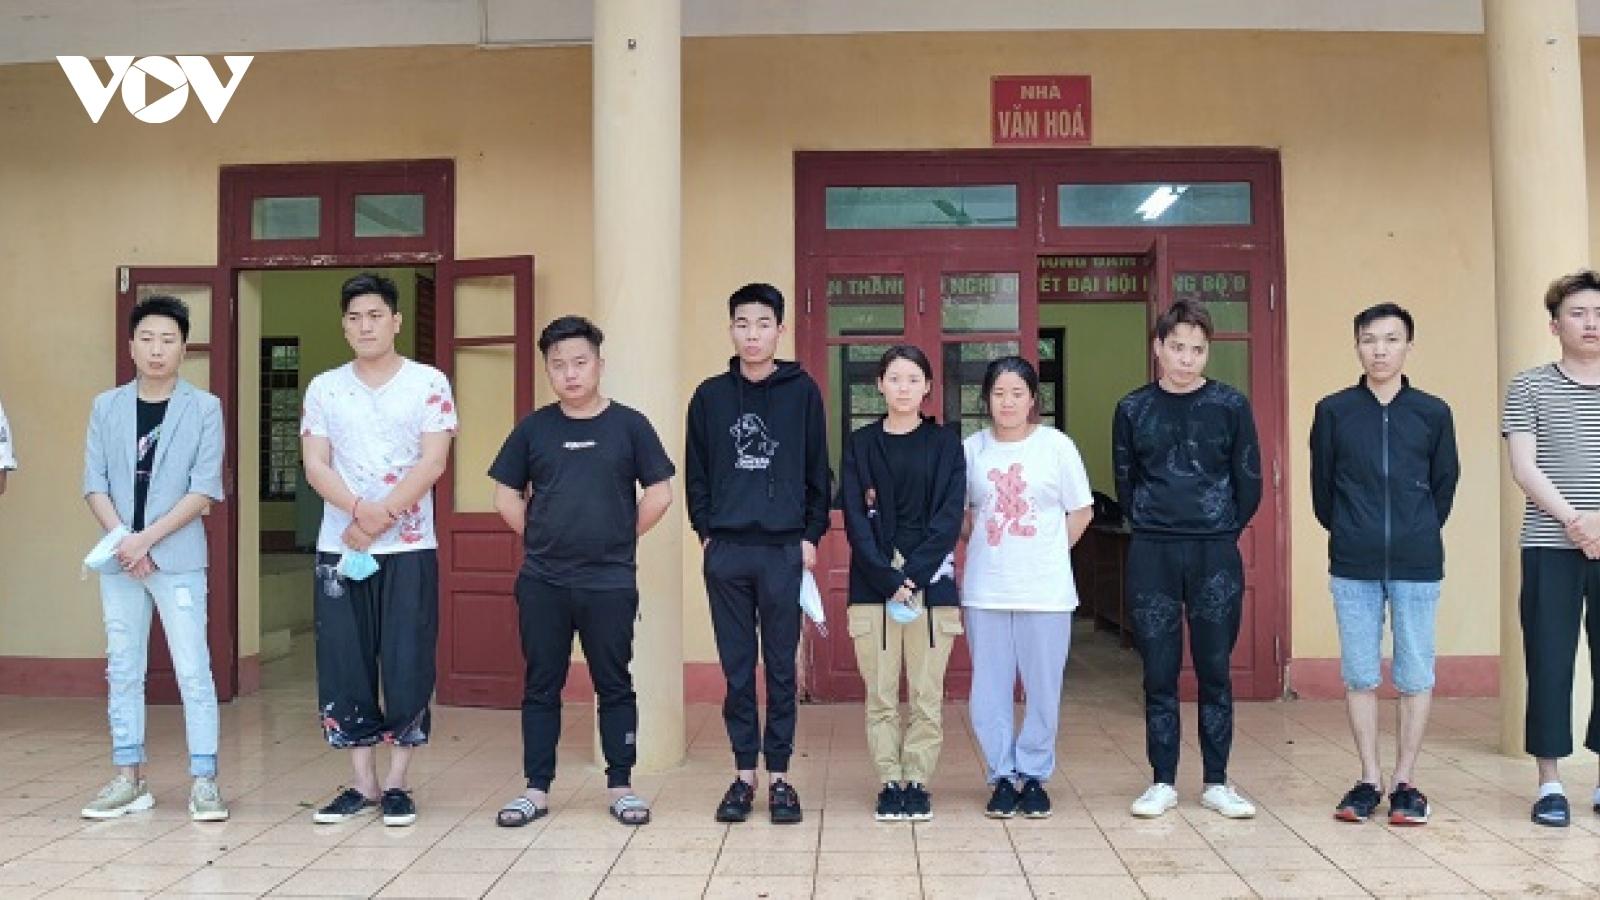 Bắt 3 đối tượng tổ chức đưa người Trung Quốc nhập cảnh trái phép vào Việt Nam